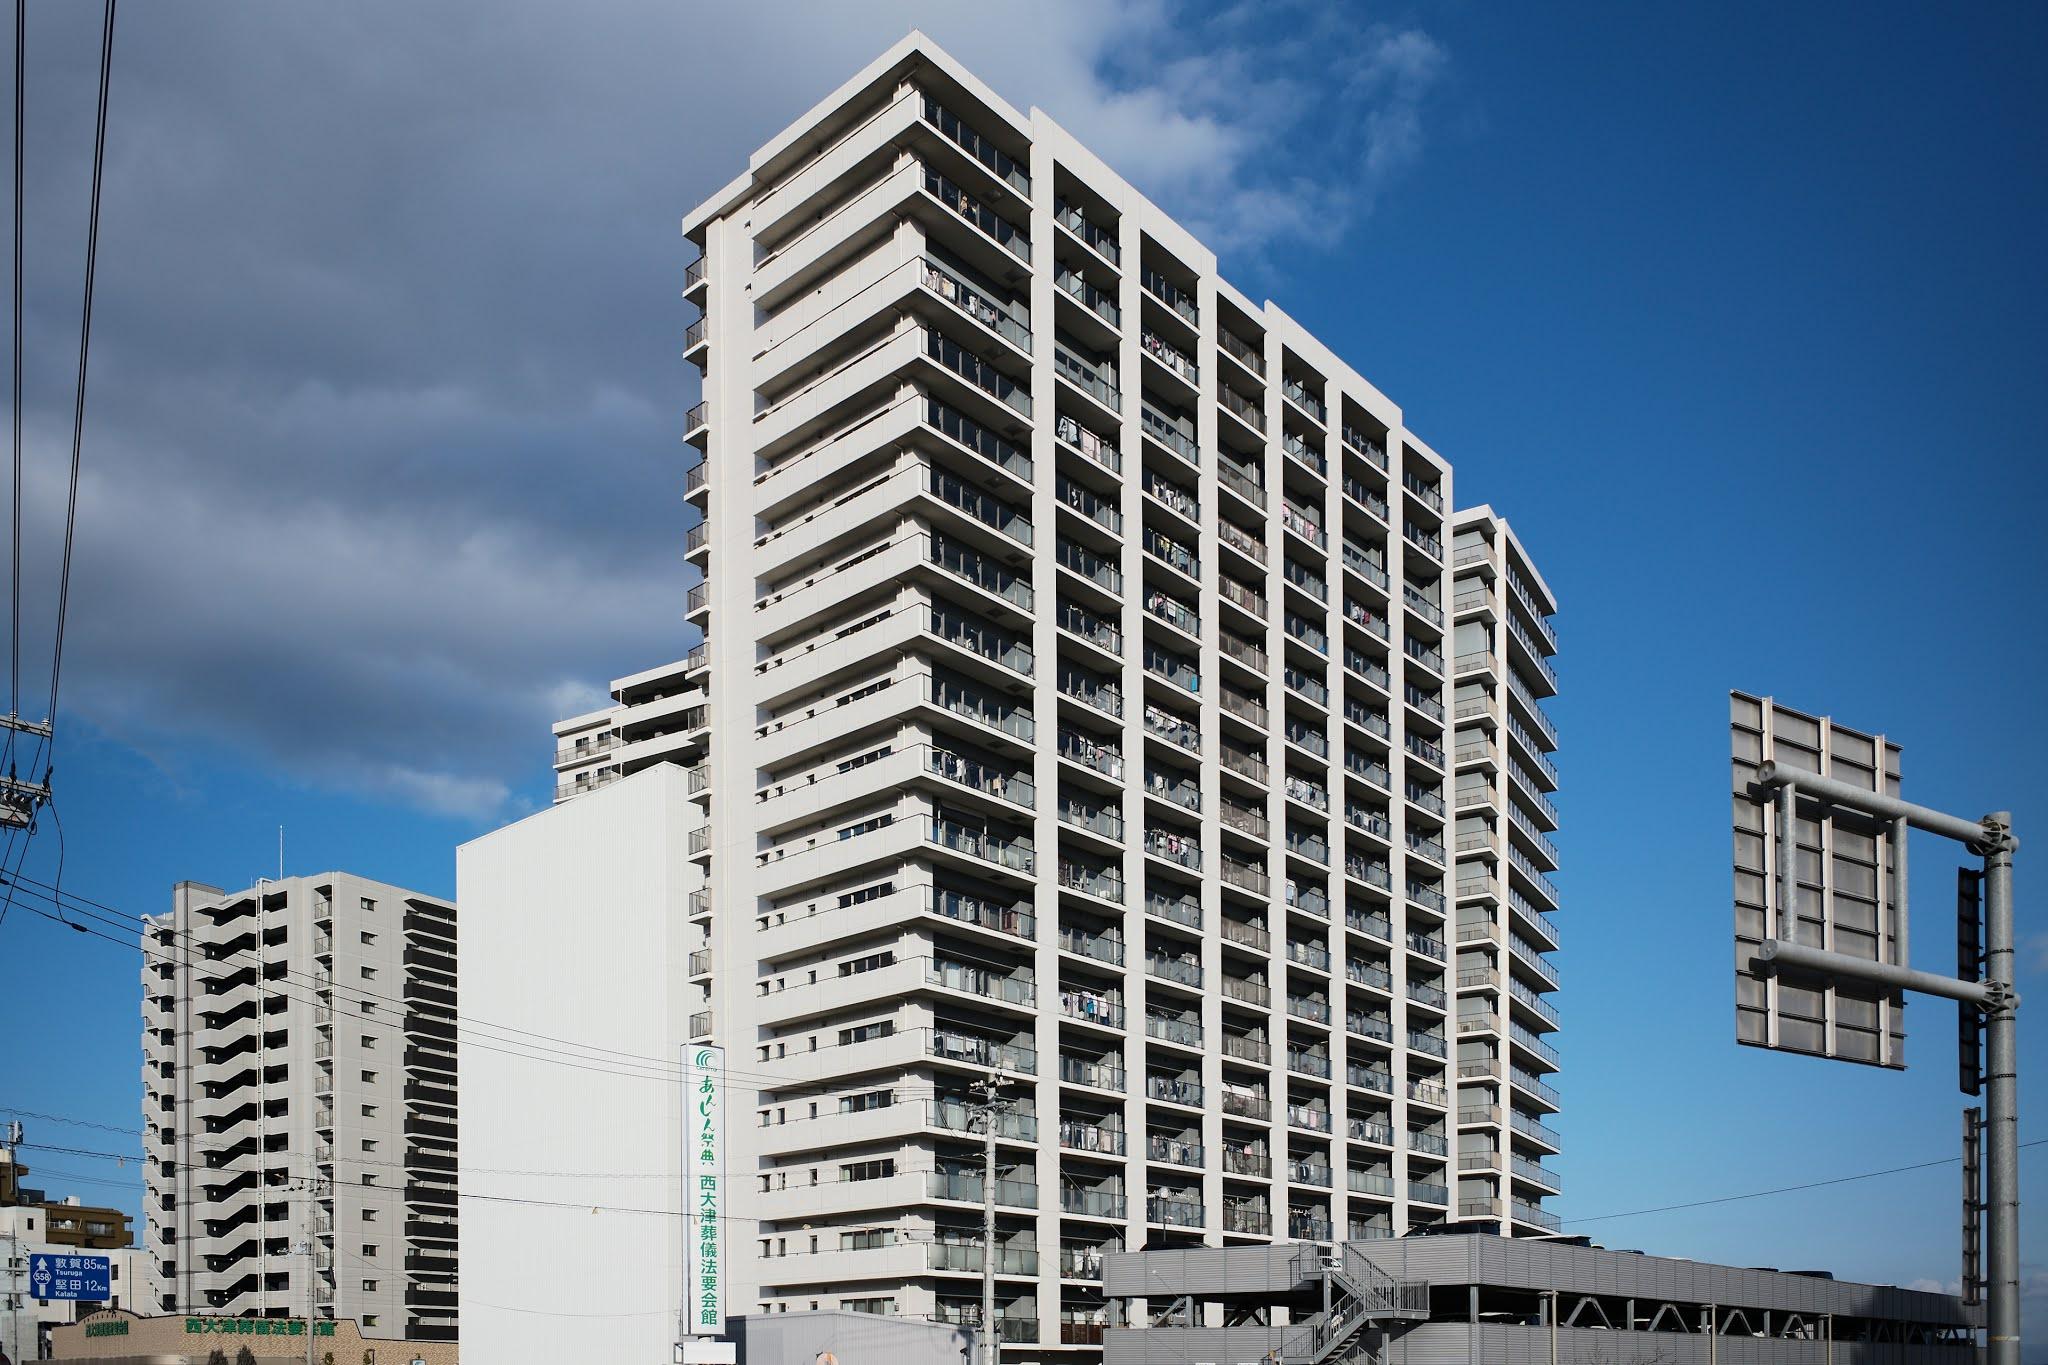 アオリ撮影 マンション建築写真